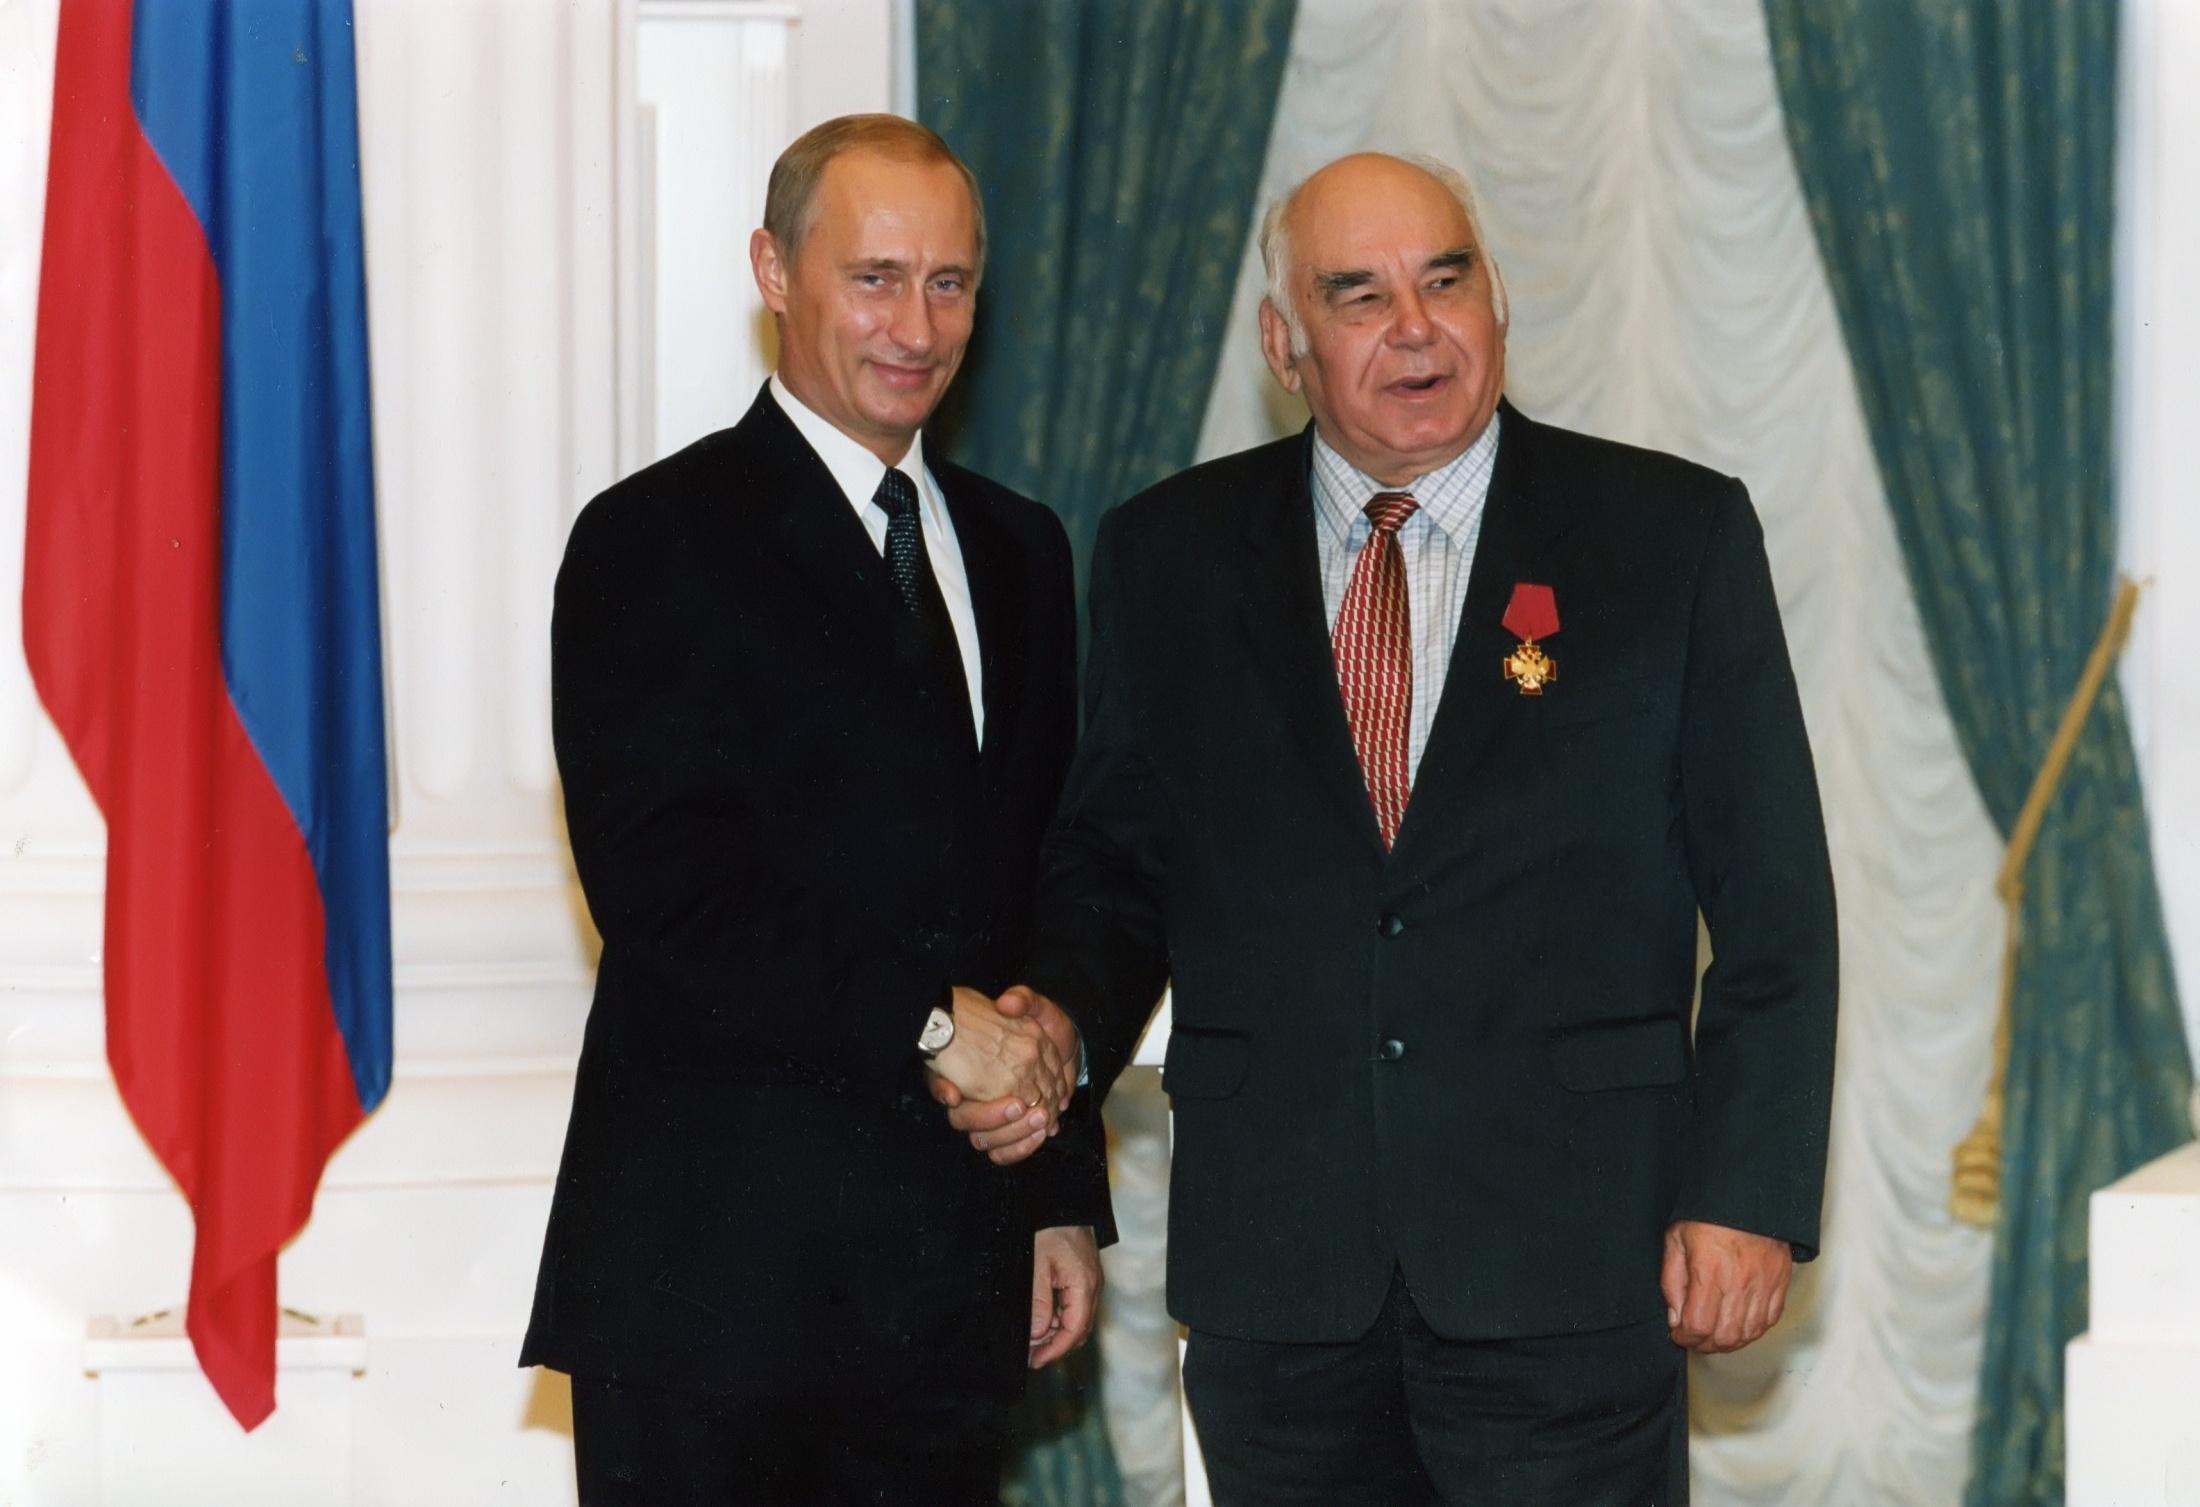 http://zapovednik-vrn.ru/images/cms/data/gallery/photo-gallery/peskov-vasilij-mihajlovich/2003-10-10_ceremoniya_vrucheniya_gos_nagrad_rf_v_kremle_ekaterinskij_zal.jpg